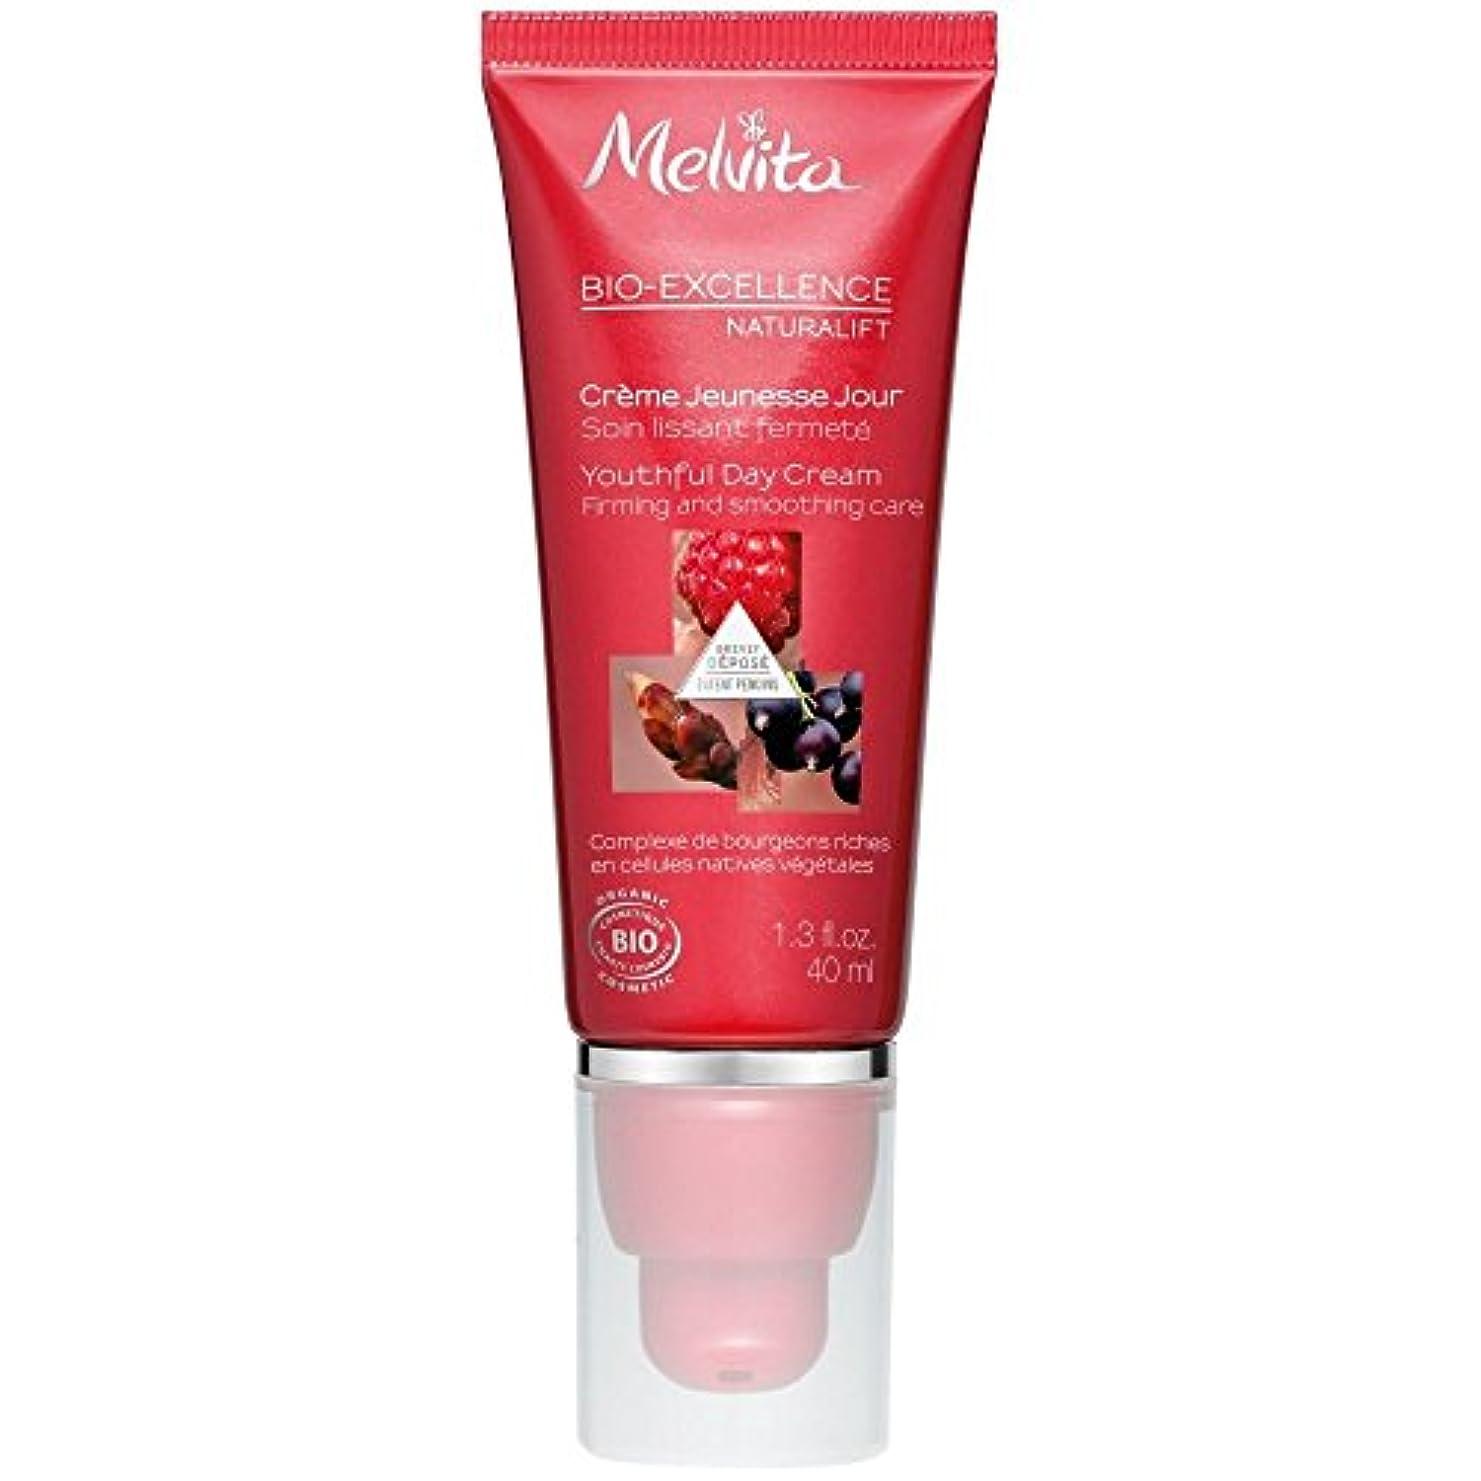 投資スーツ夕食を作る[Melvita] メルヴィータバイオ優秀若々しいデイクリーム、40ミリリットル - Melvita Bio-Excellence Youthful Day Cream, 40ml [並行輸入品]